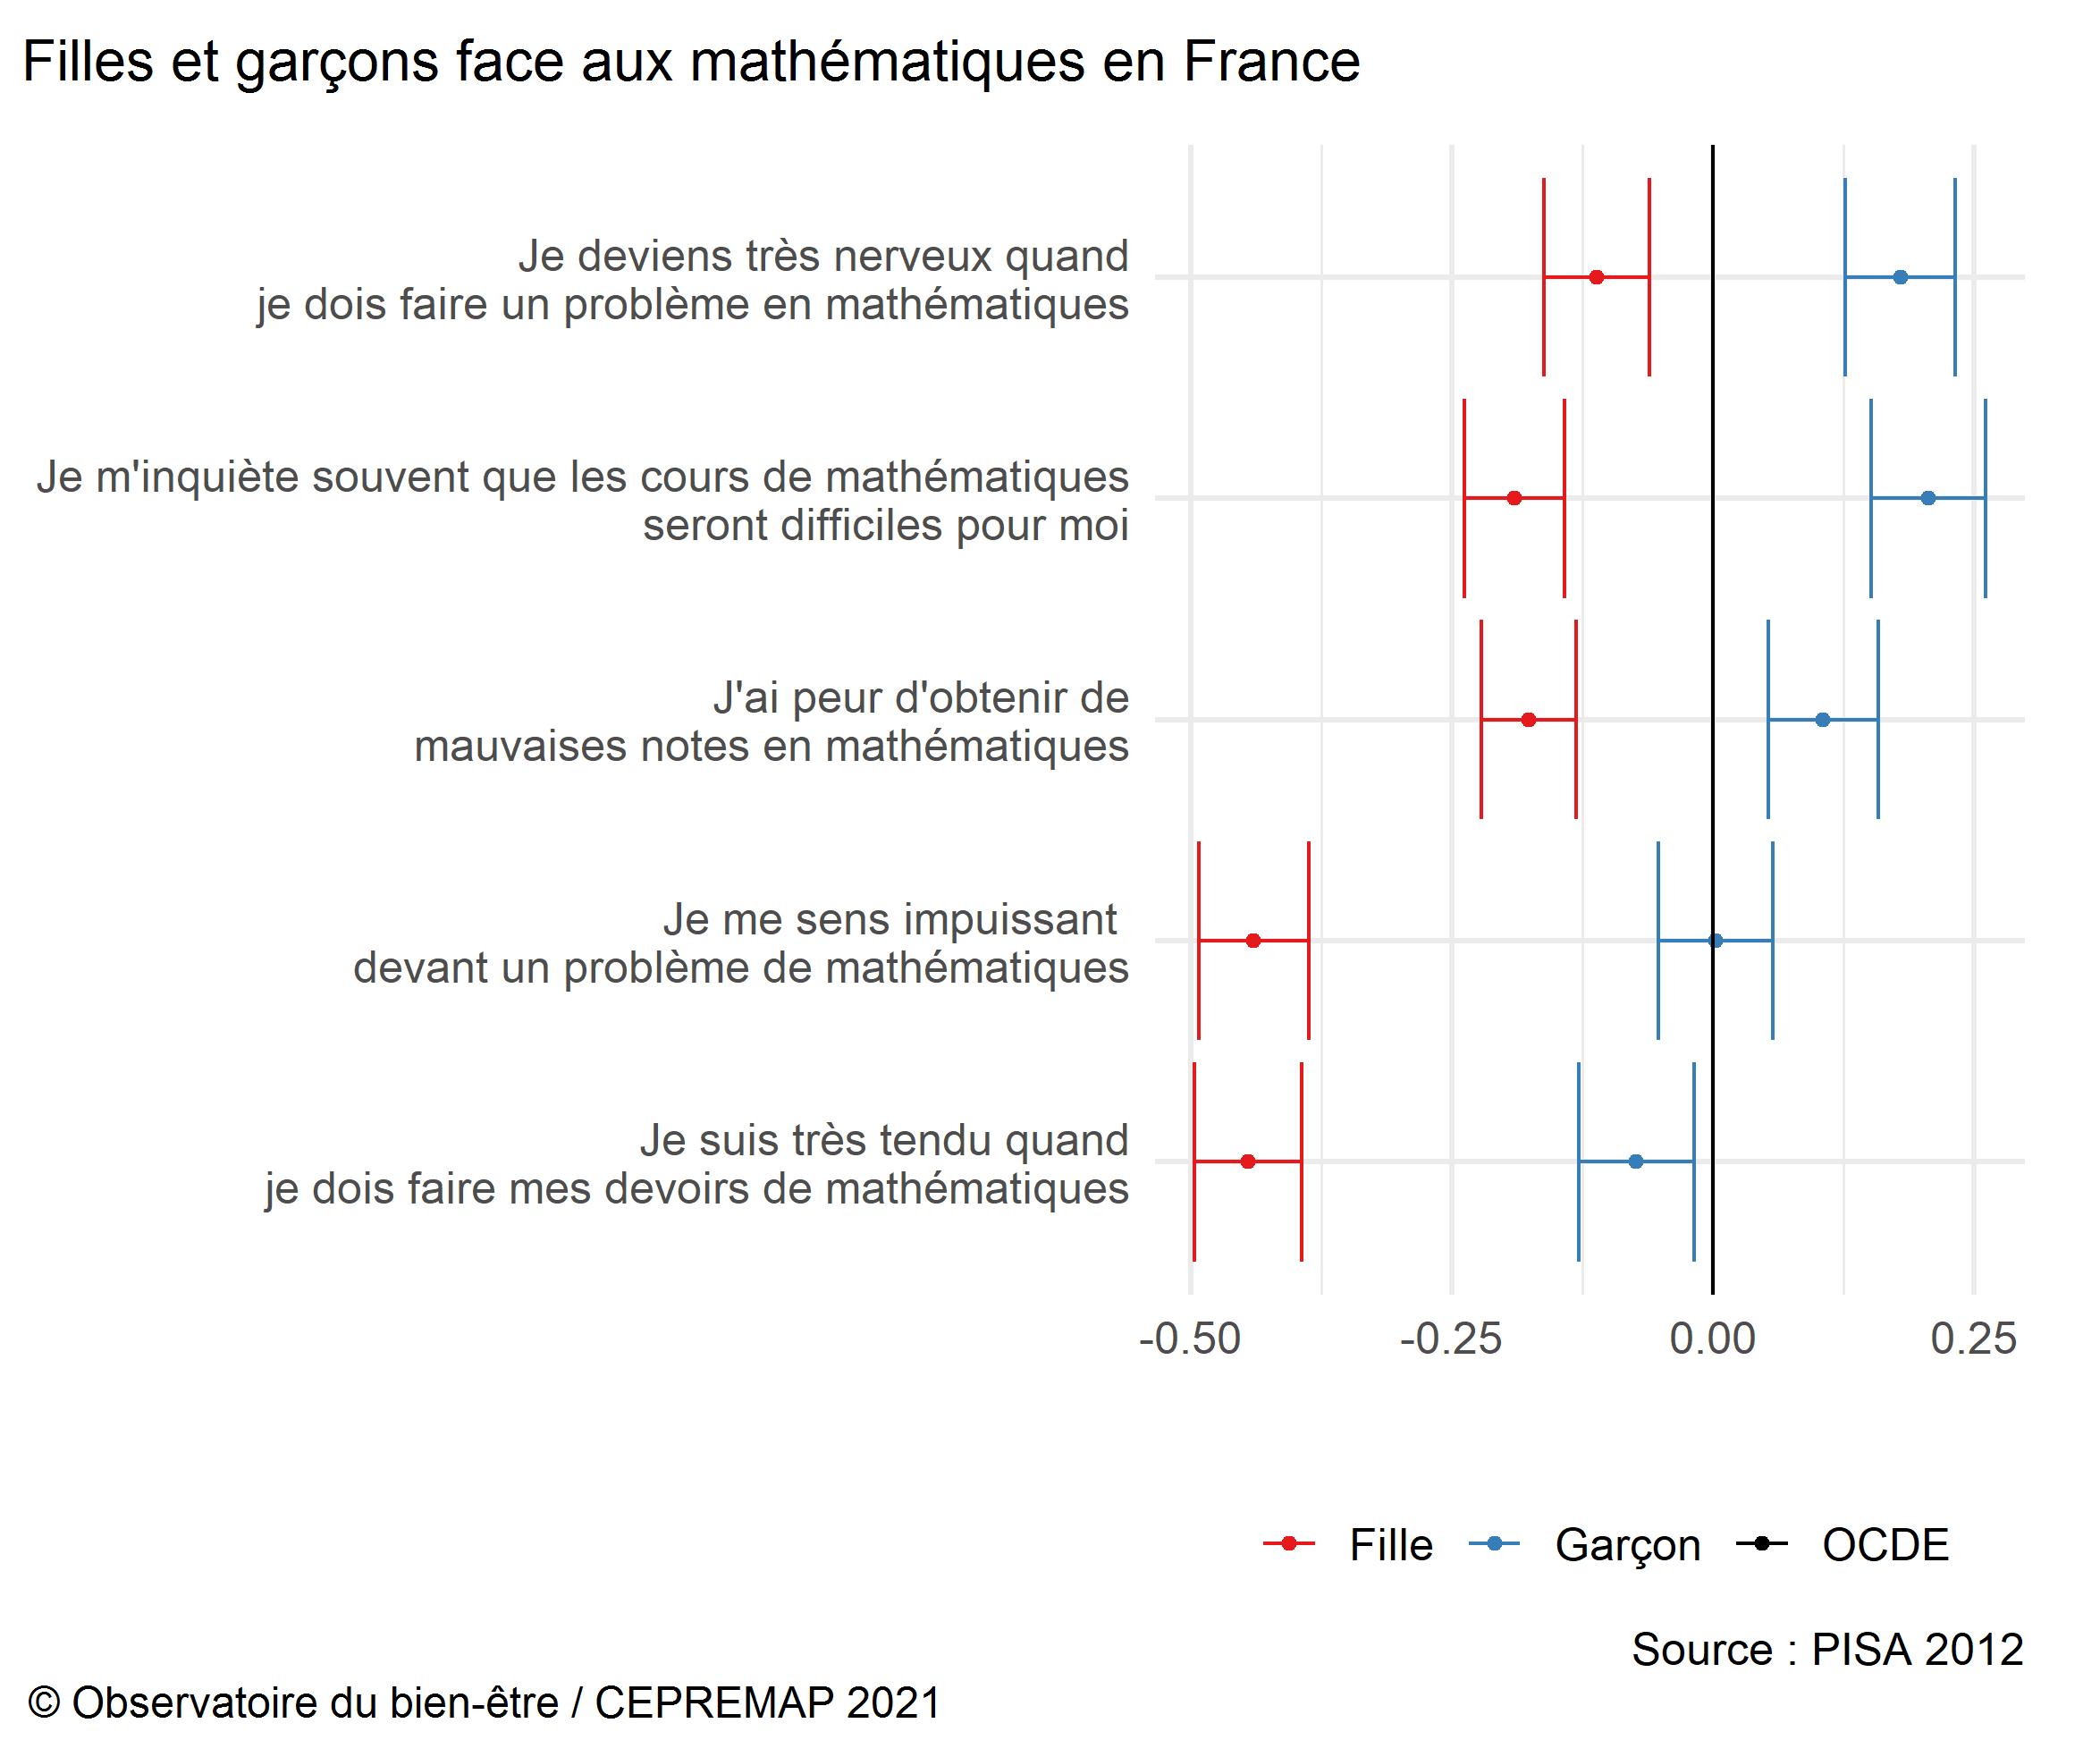 Figure : Filles et garçons face aux mathématiques en France